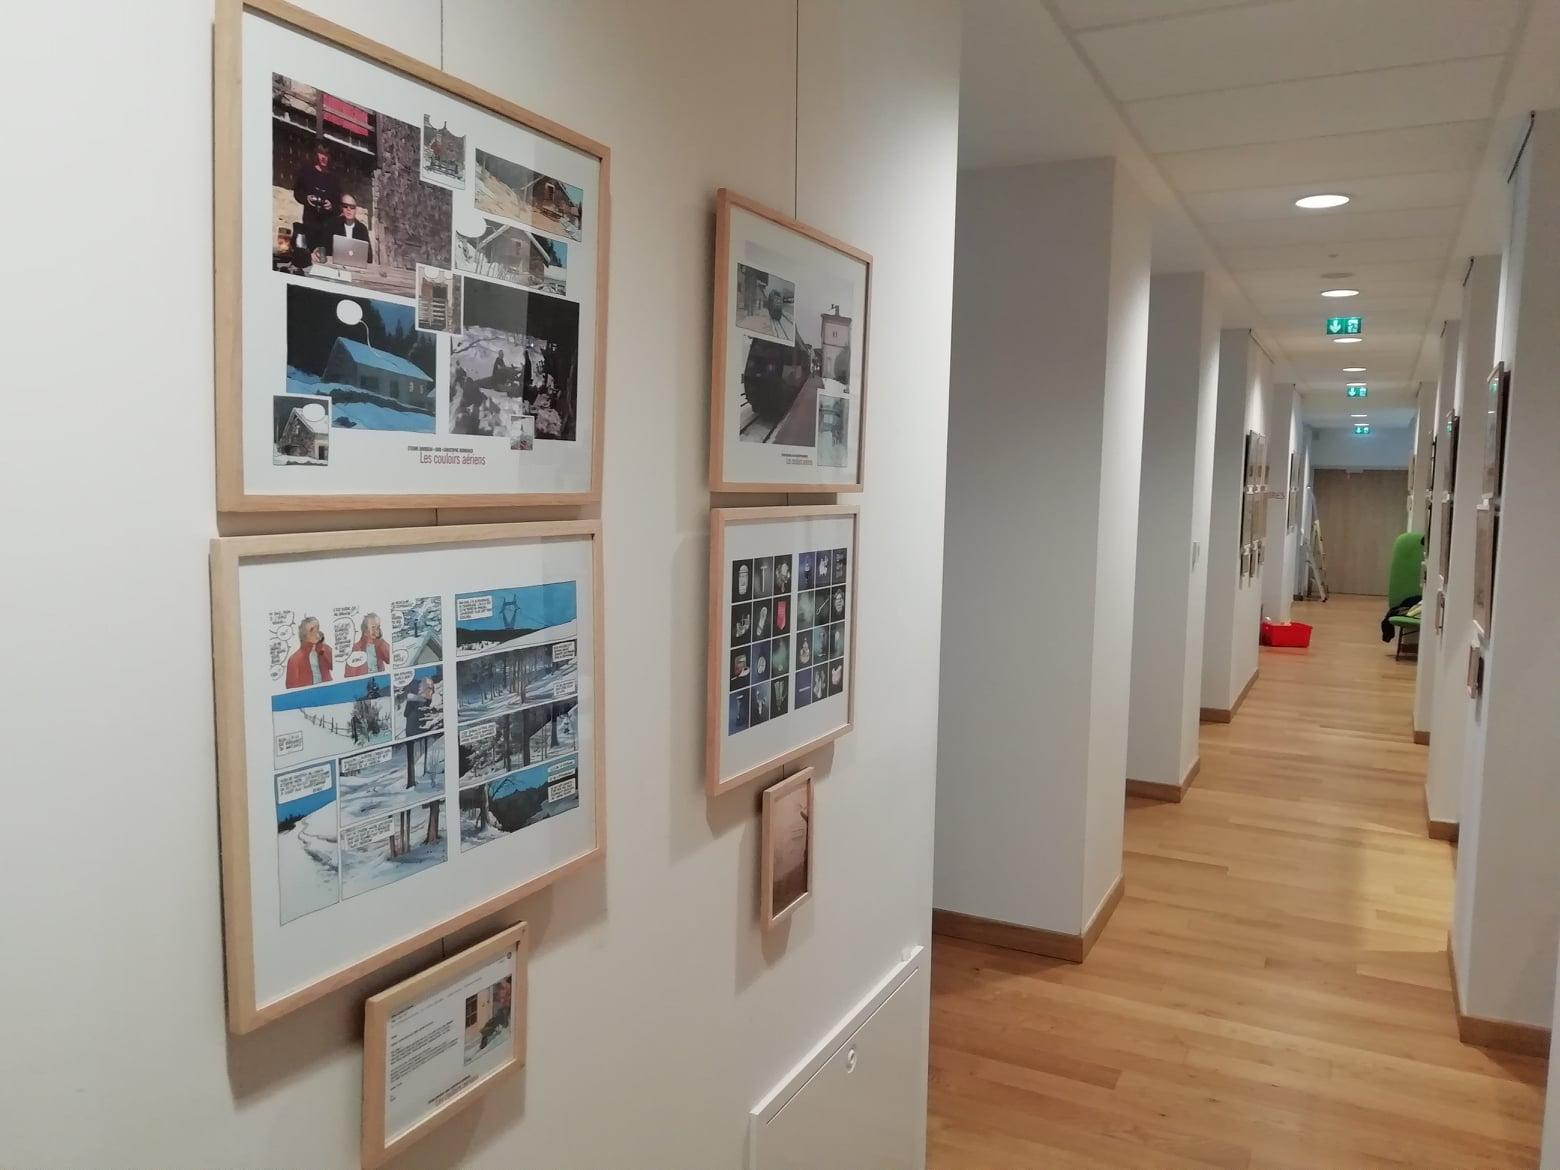 Expo Couloirs aériens 1 - Davodeau, Joub, Hermenier 2019